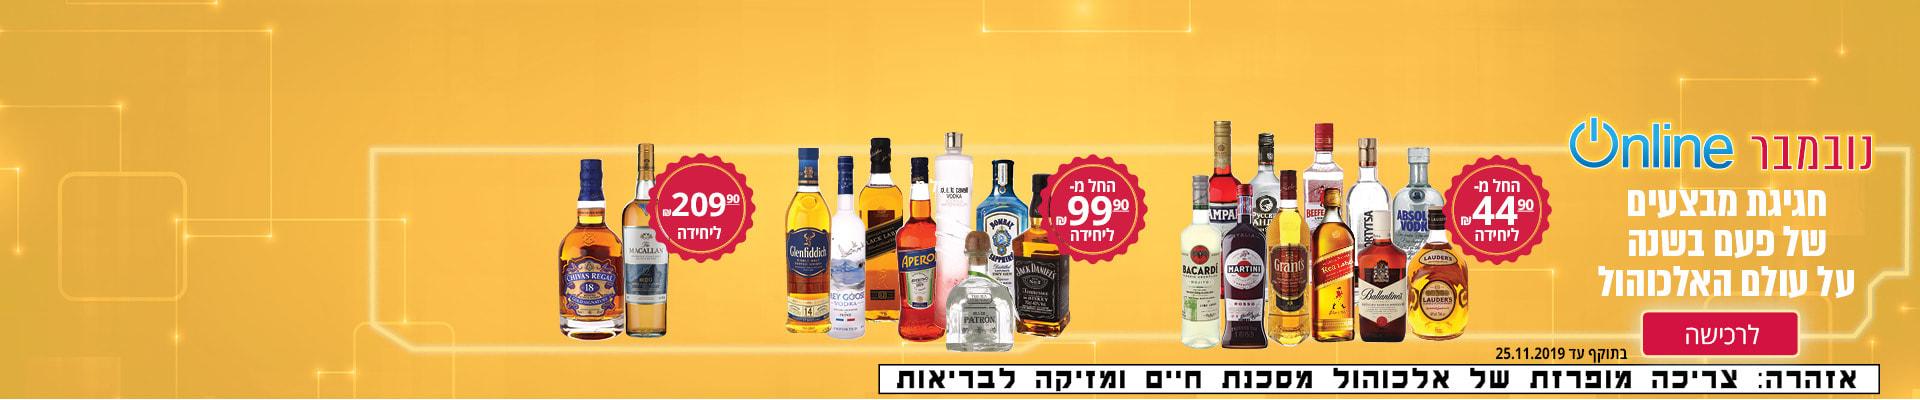 נובמבר online חגיגת מבצעים של פעם בשנה על עולם האלכוהול. החל מ-44.90 ליחידה. בתוקף עד 25.11.2019. אזהרה: צריכה מופרזת של אלכוהול מסכנת חיים ומזיקה לבריאות.